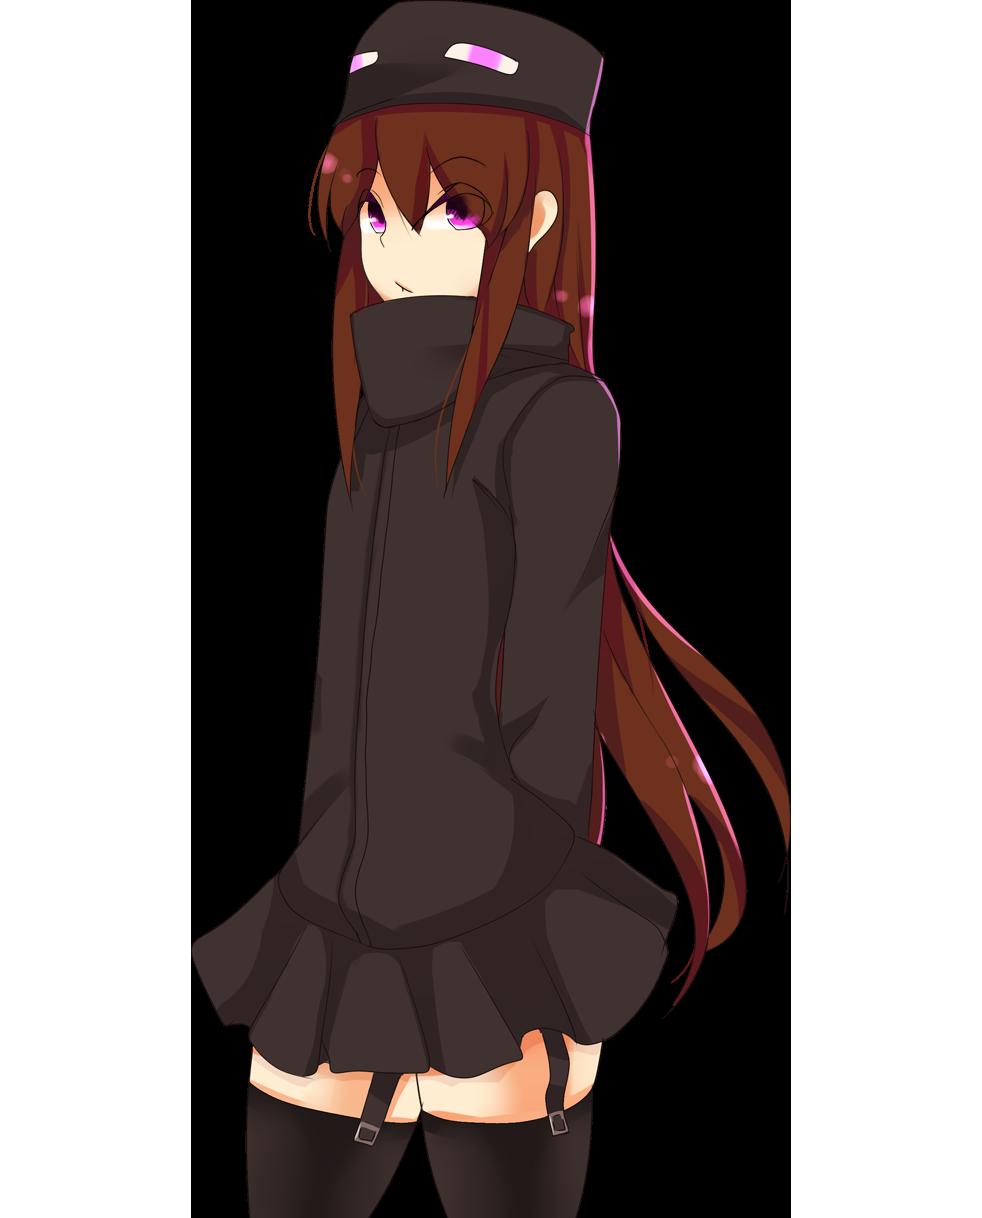 Anime Enderman Girl